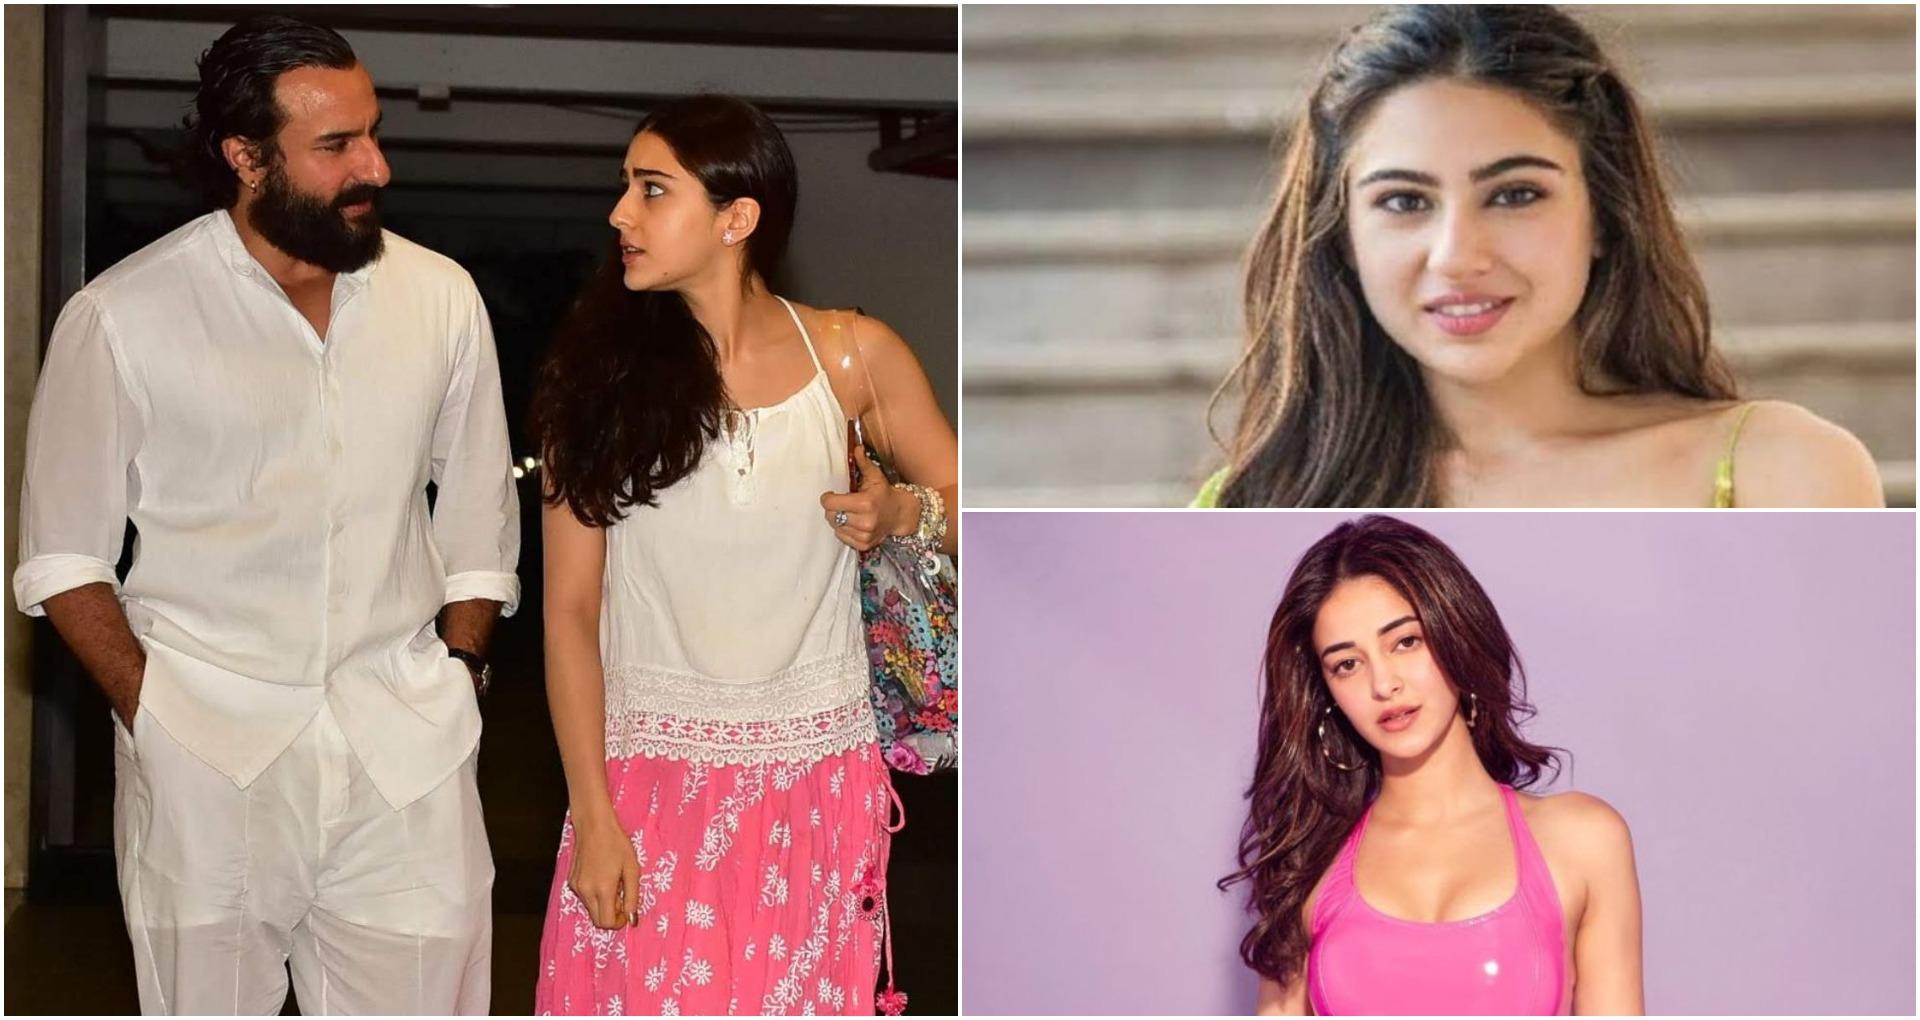 EXCLUSIVE: सारा अली खान, अनन्या पांडेय और जाह्नवी कपूर की तुलना पर सैफ अली खान का हाजिर जवाब, देखें वीडियो